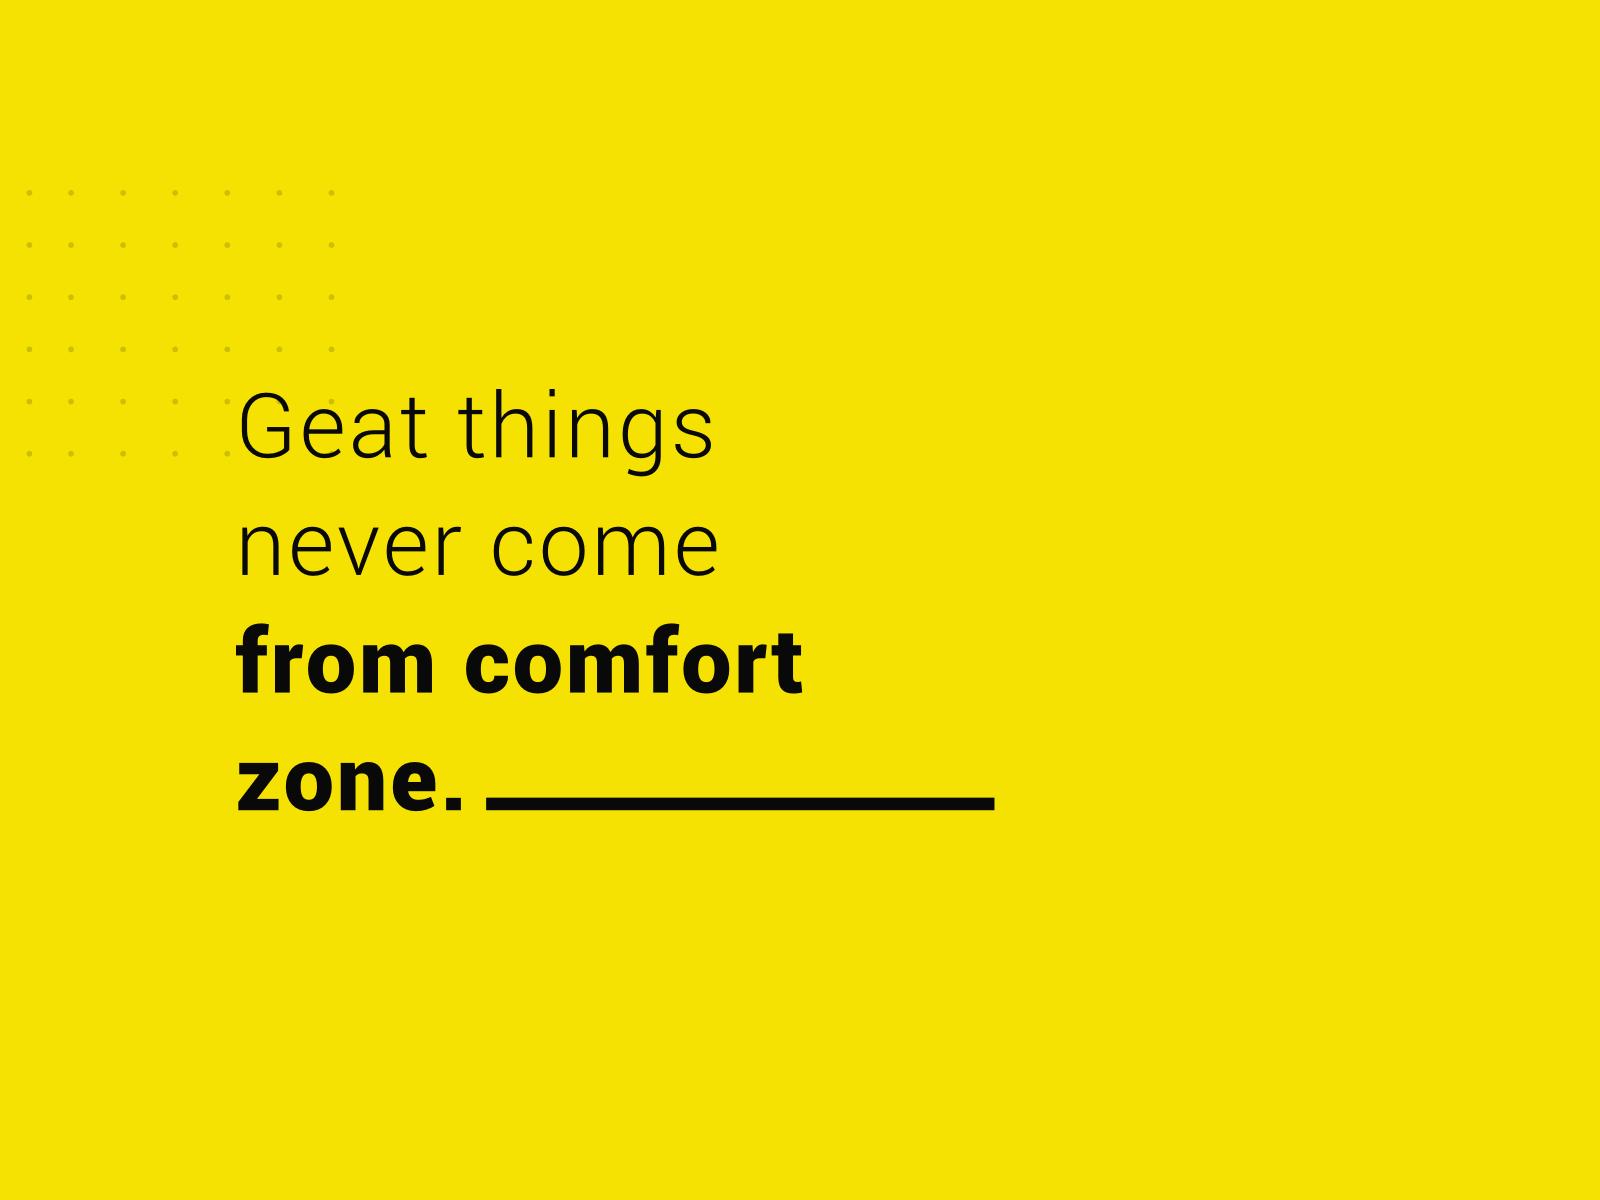 Comfor zone